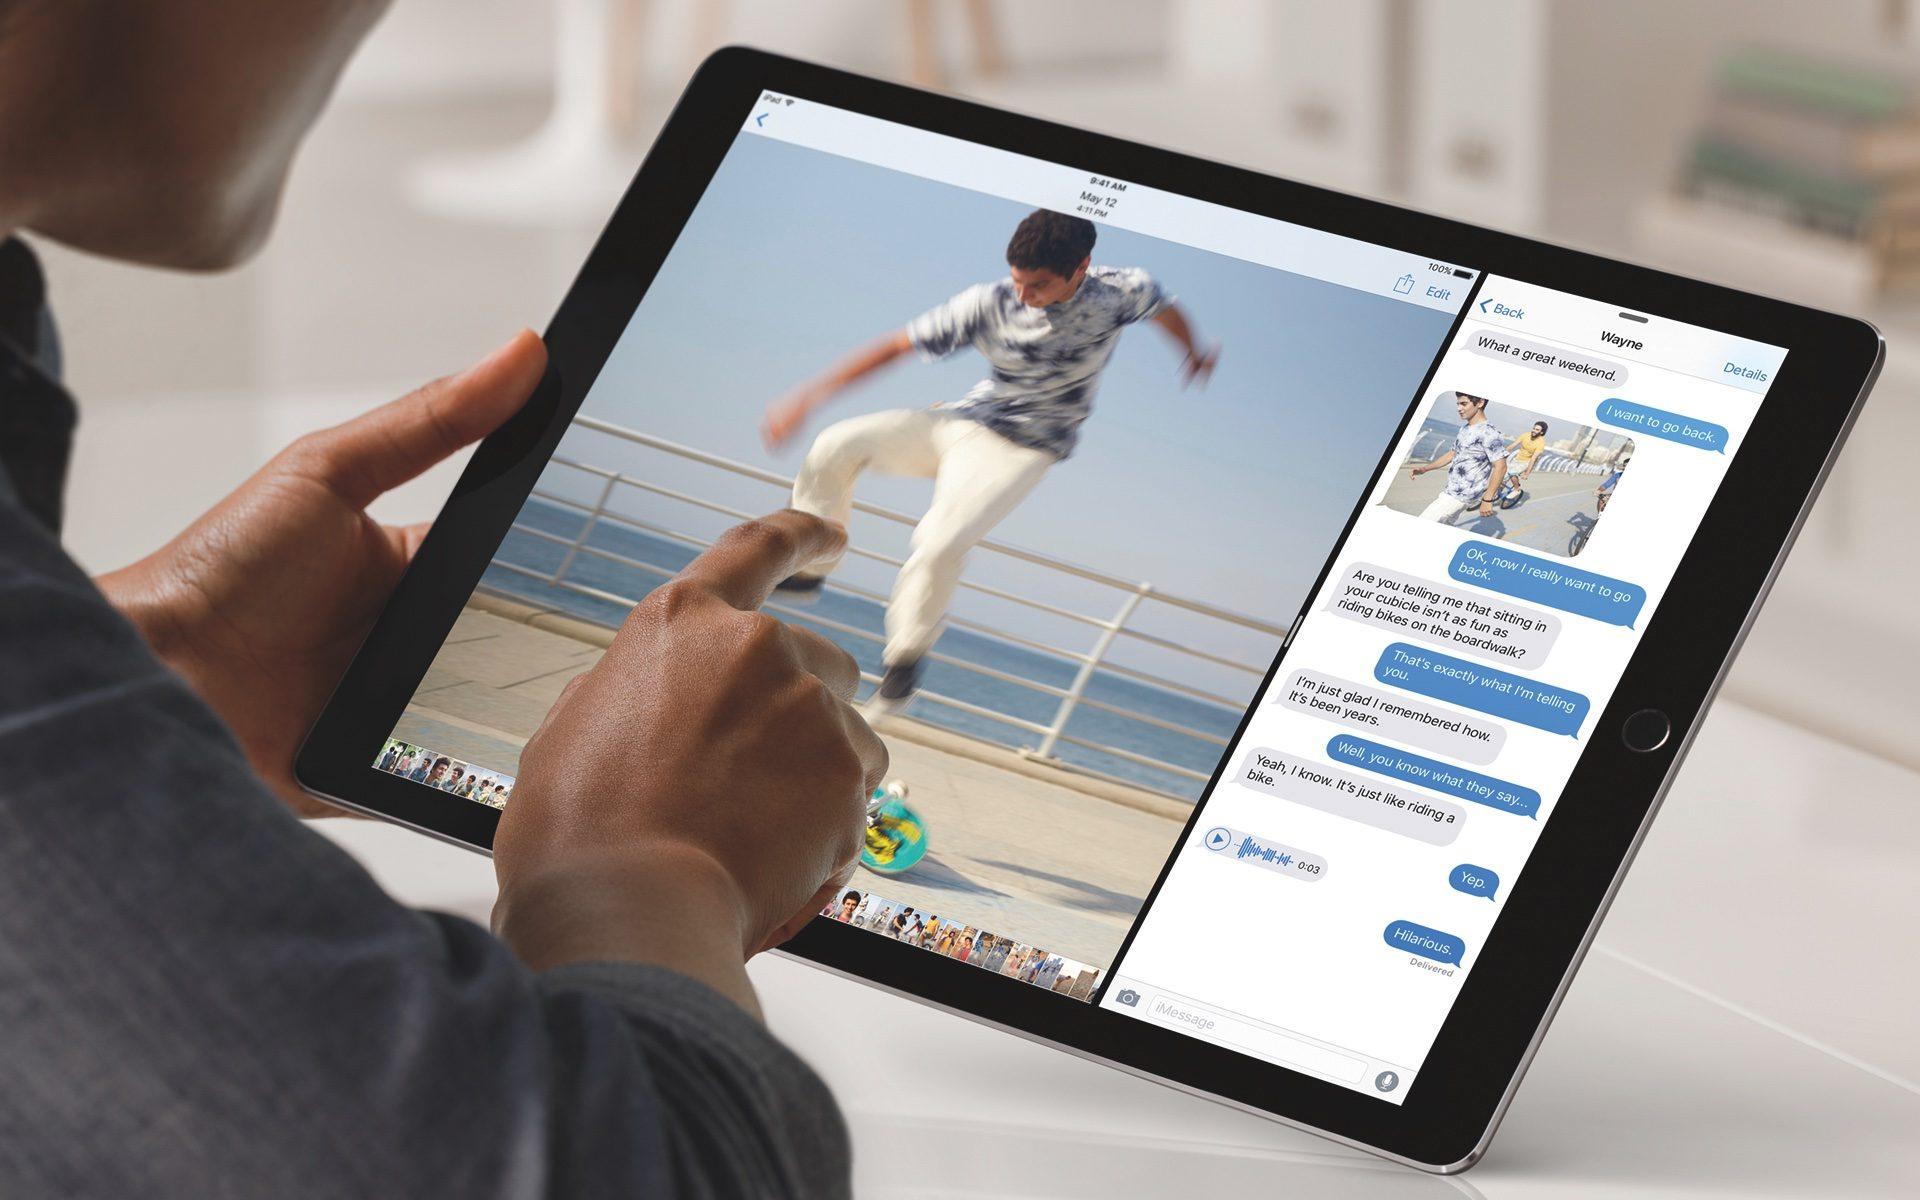 Nuovi modelli di iPad Mini Pro, iPad Pro da 10.1″ e 12.9″ previsti per l'autunno 2017